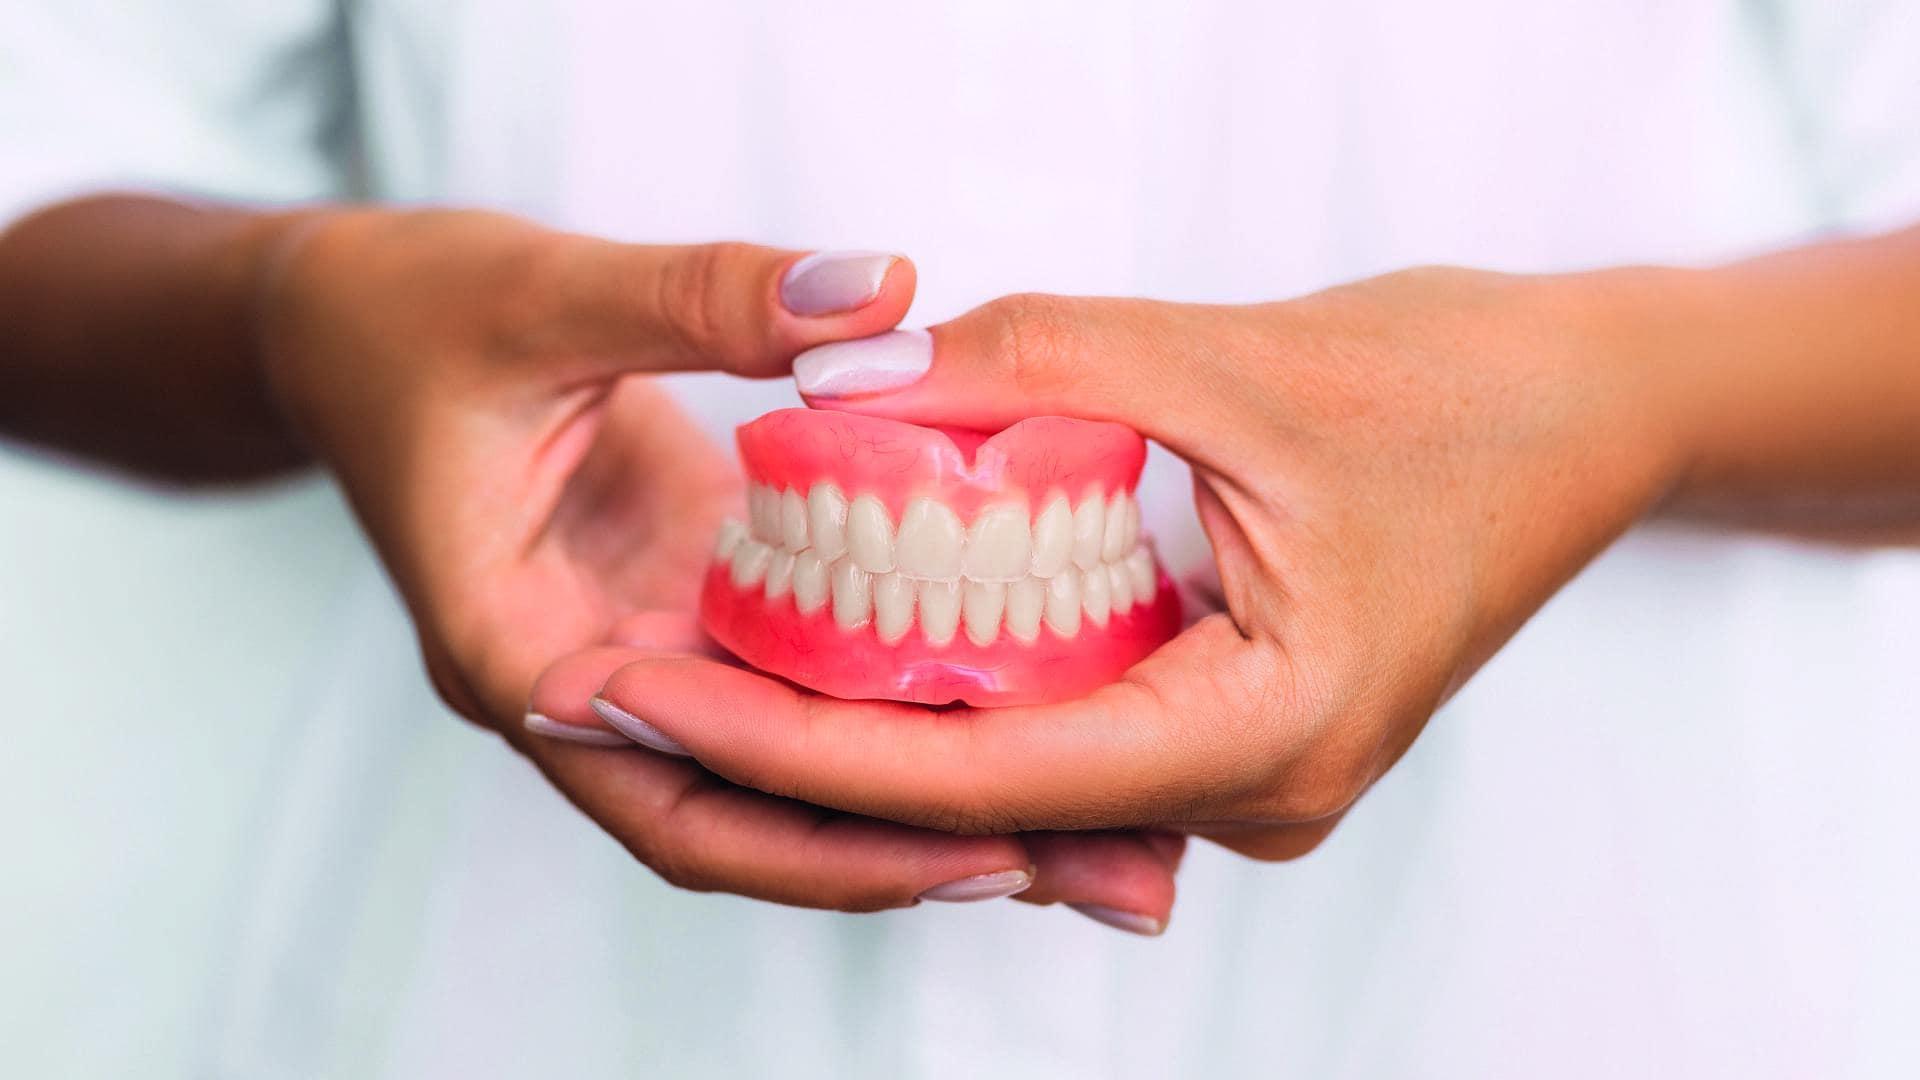 Οδοντοστοιχίες σταθερές ή κινητές – Ολικές, Μερικές ή Επένθετες